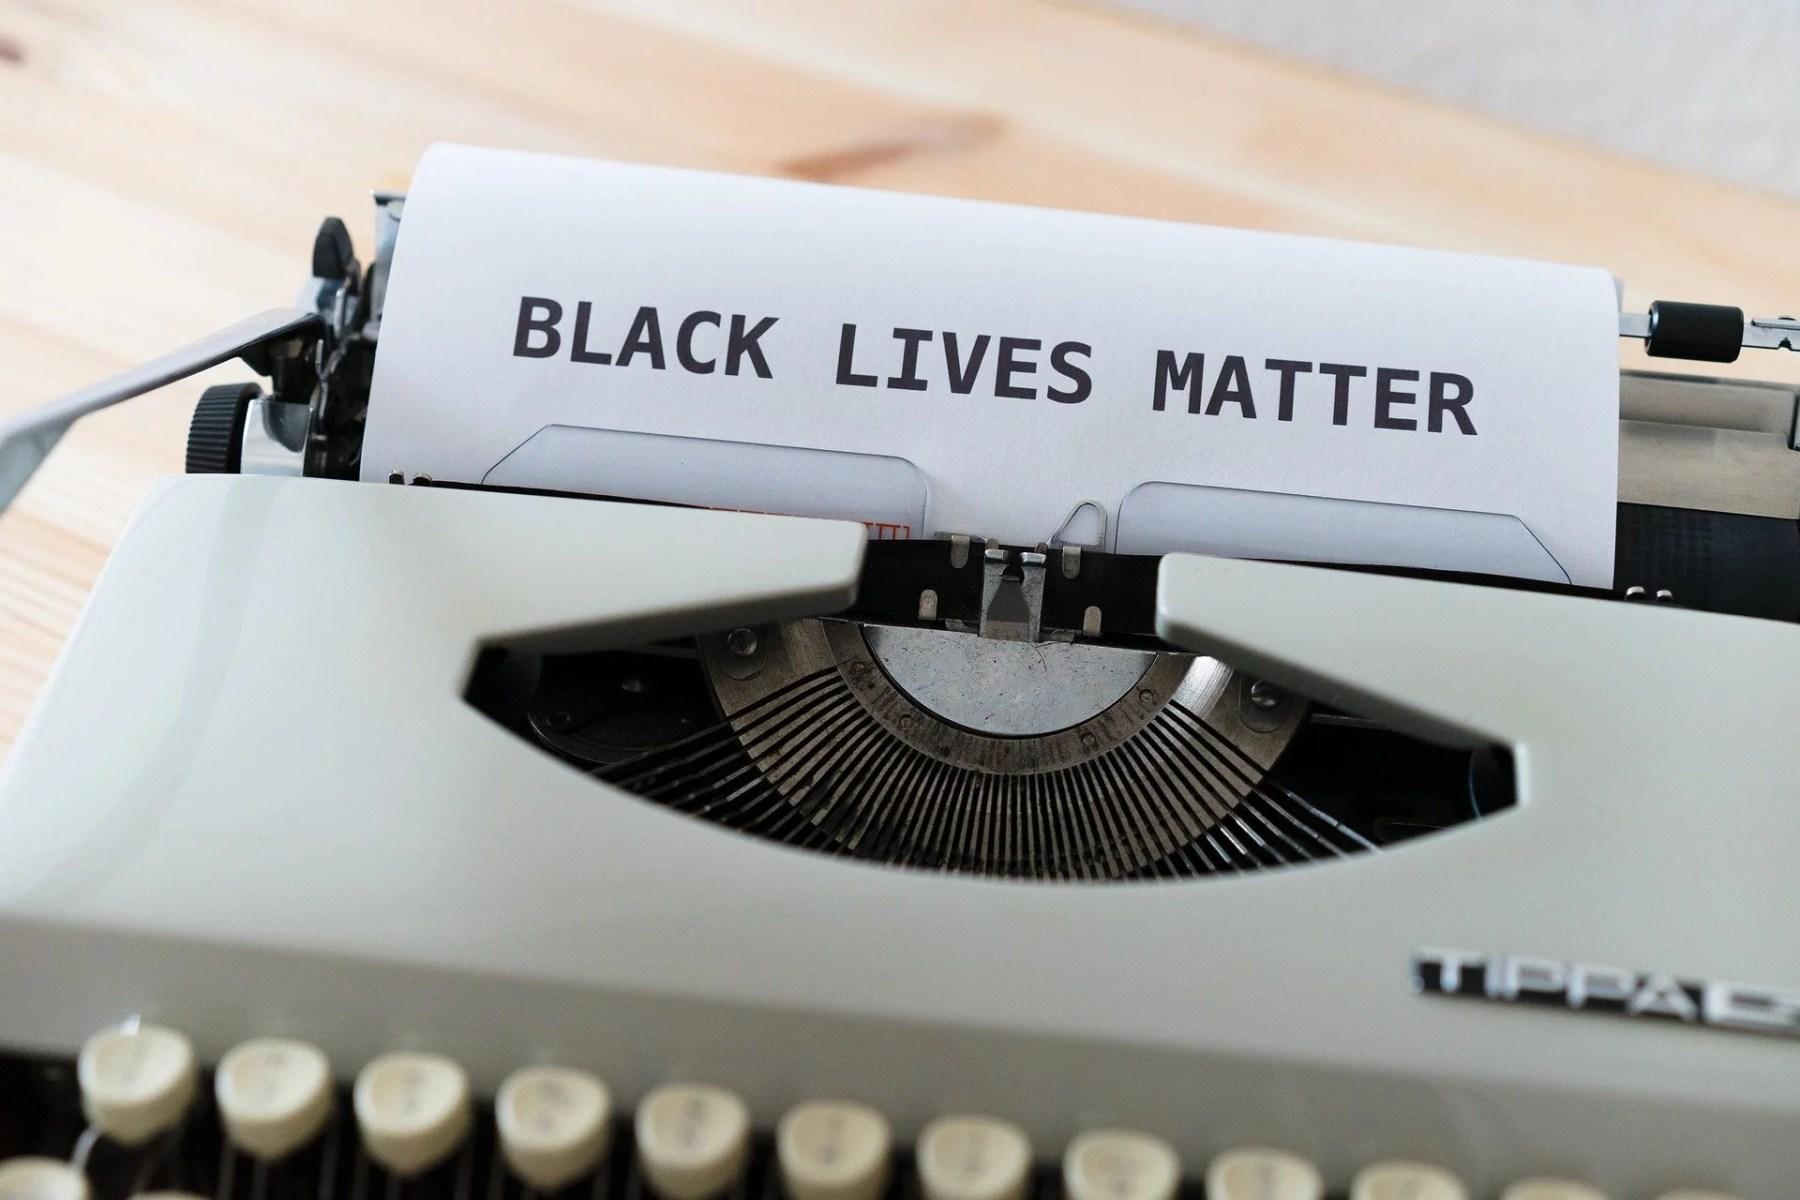 Le poème d'Amanda Gorman doit-il absolument être traduit par une femme noire?